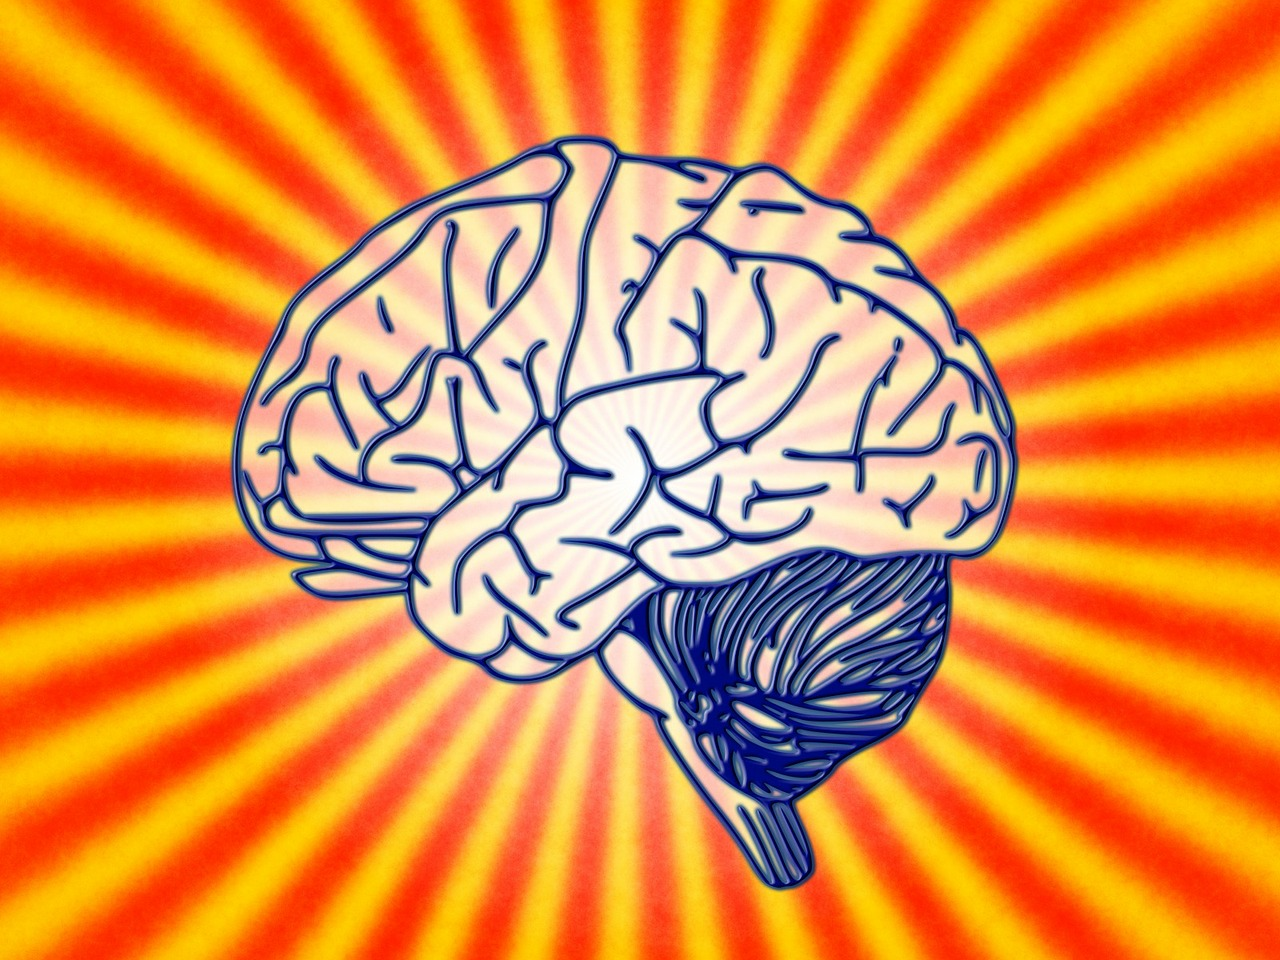 brain-78440_1280.jpg